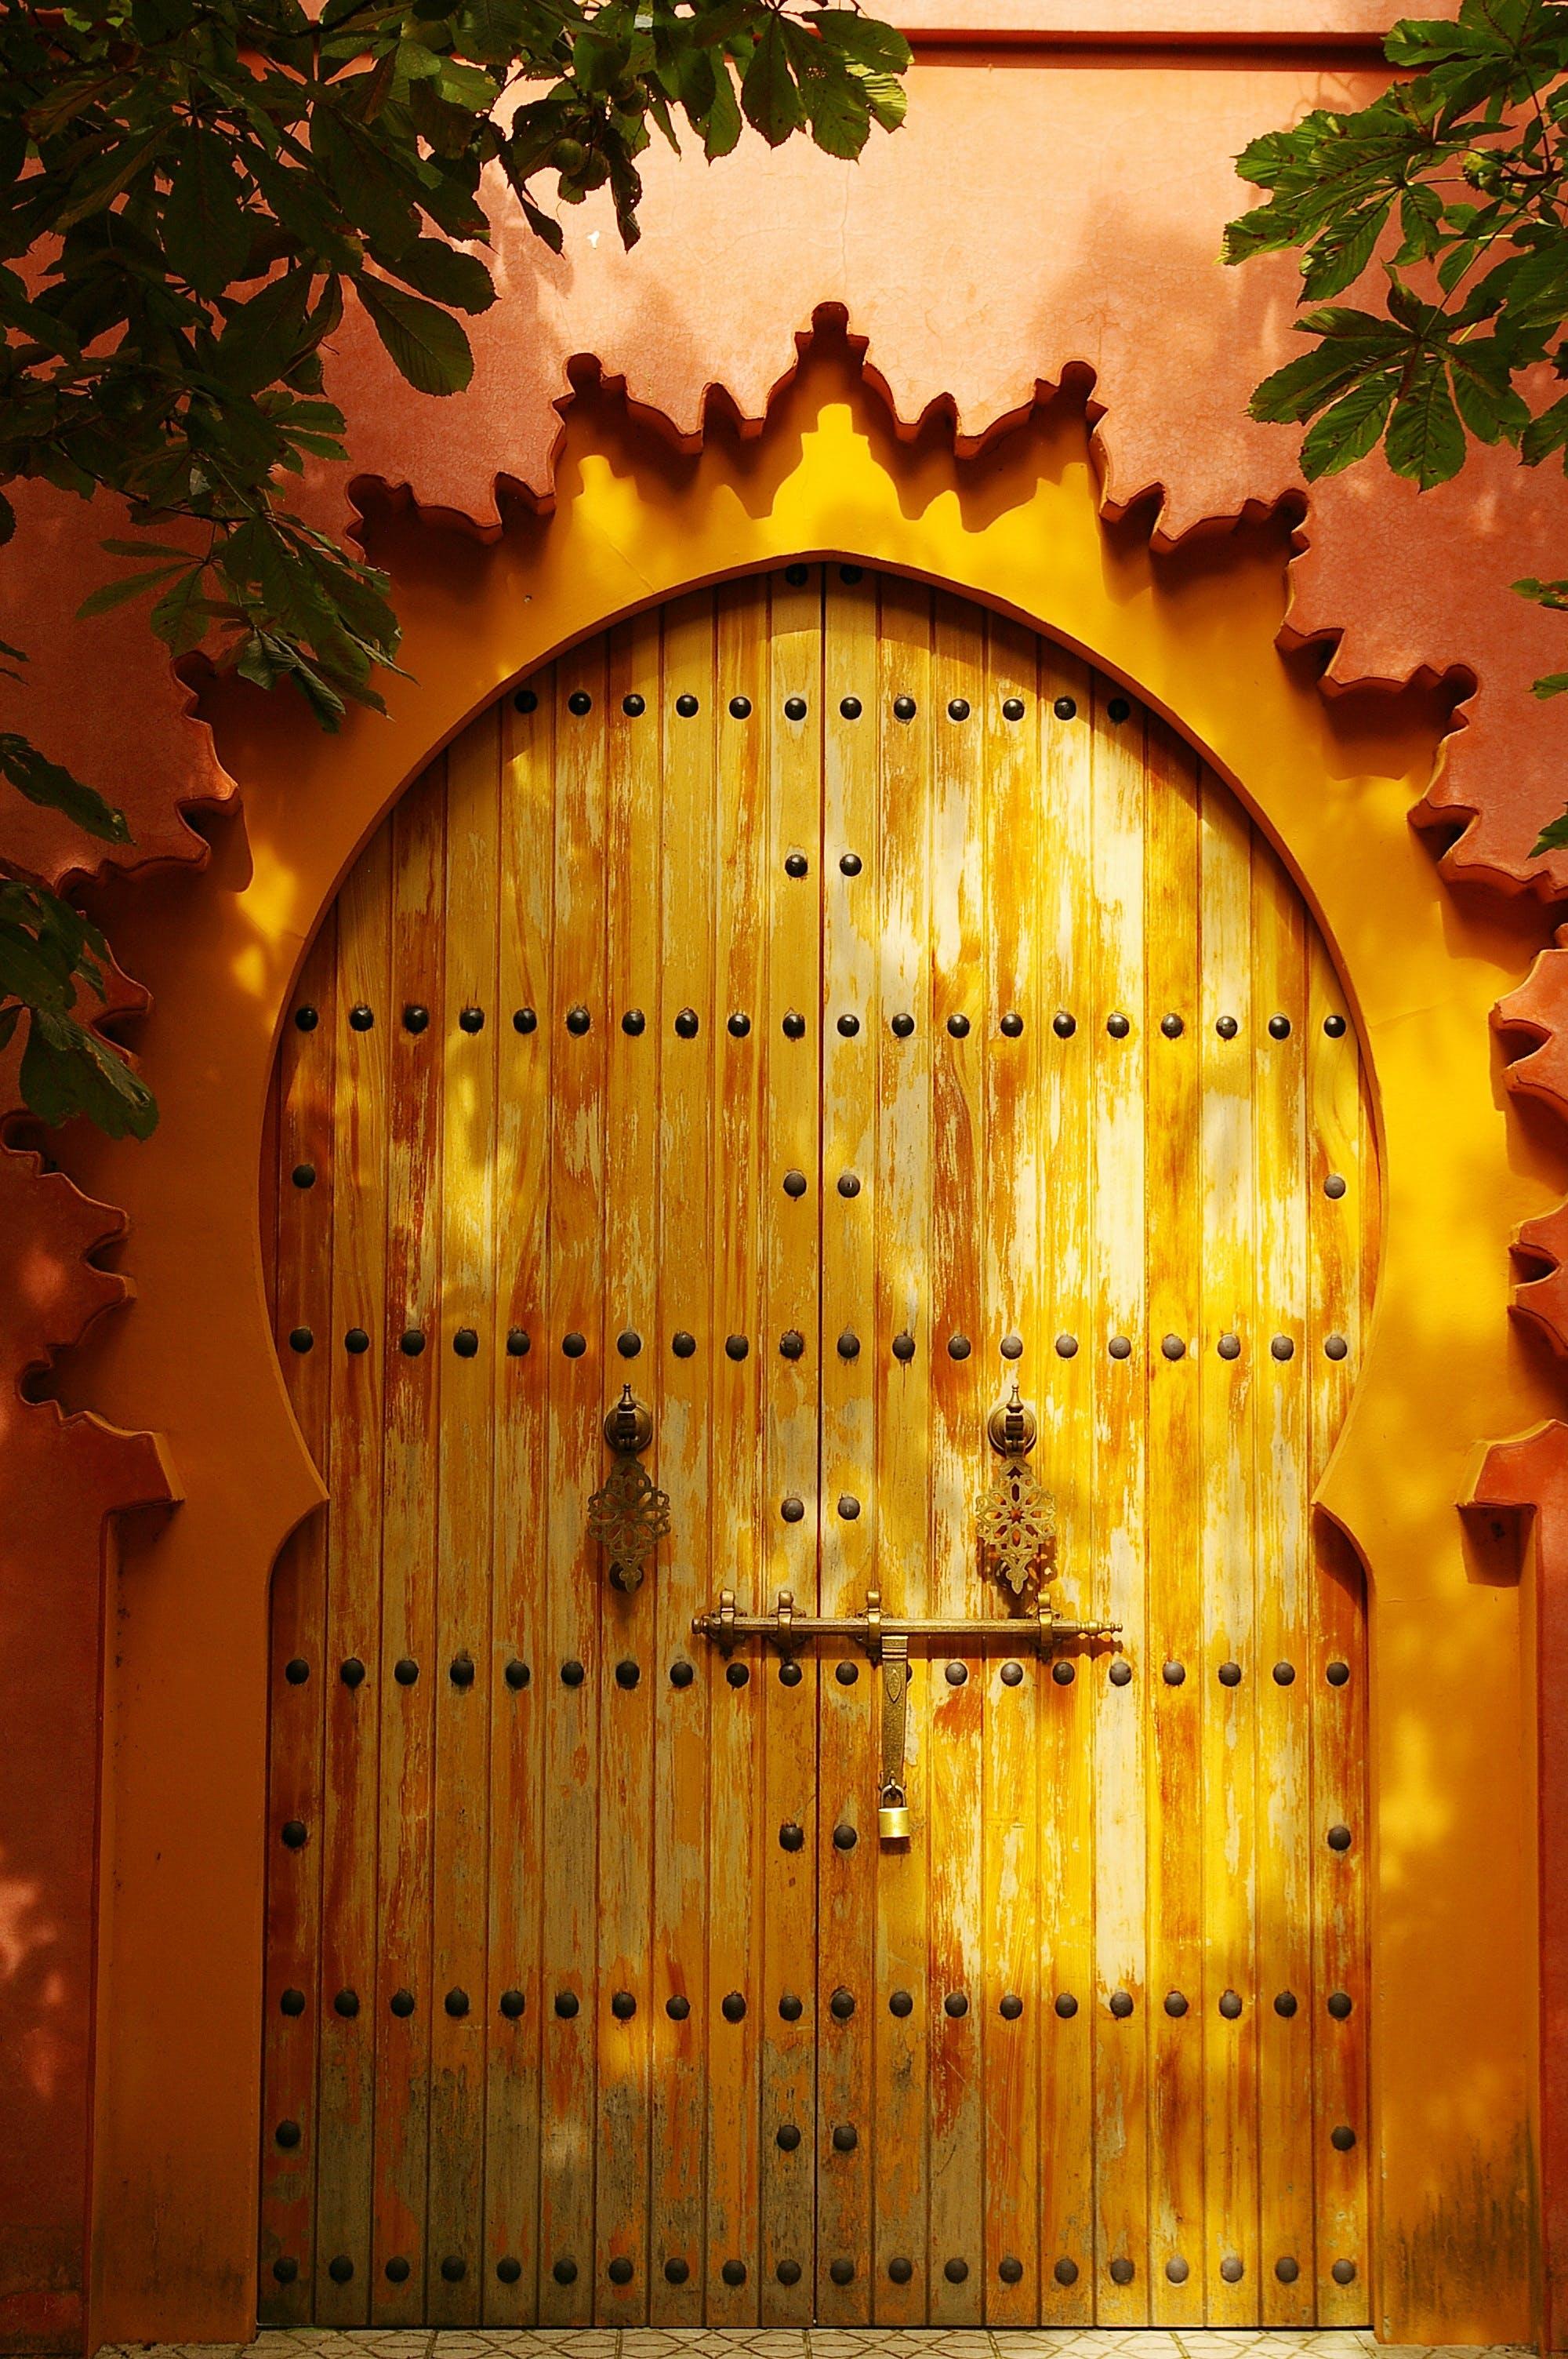 Brown Wooden Door Beside Green Leafed Plant